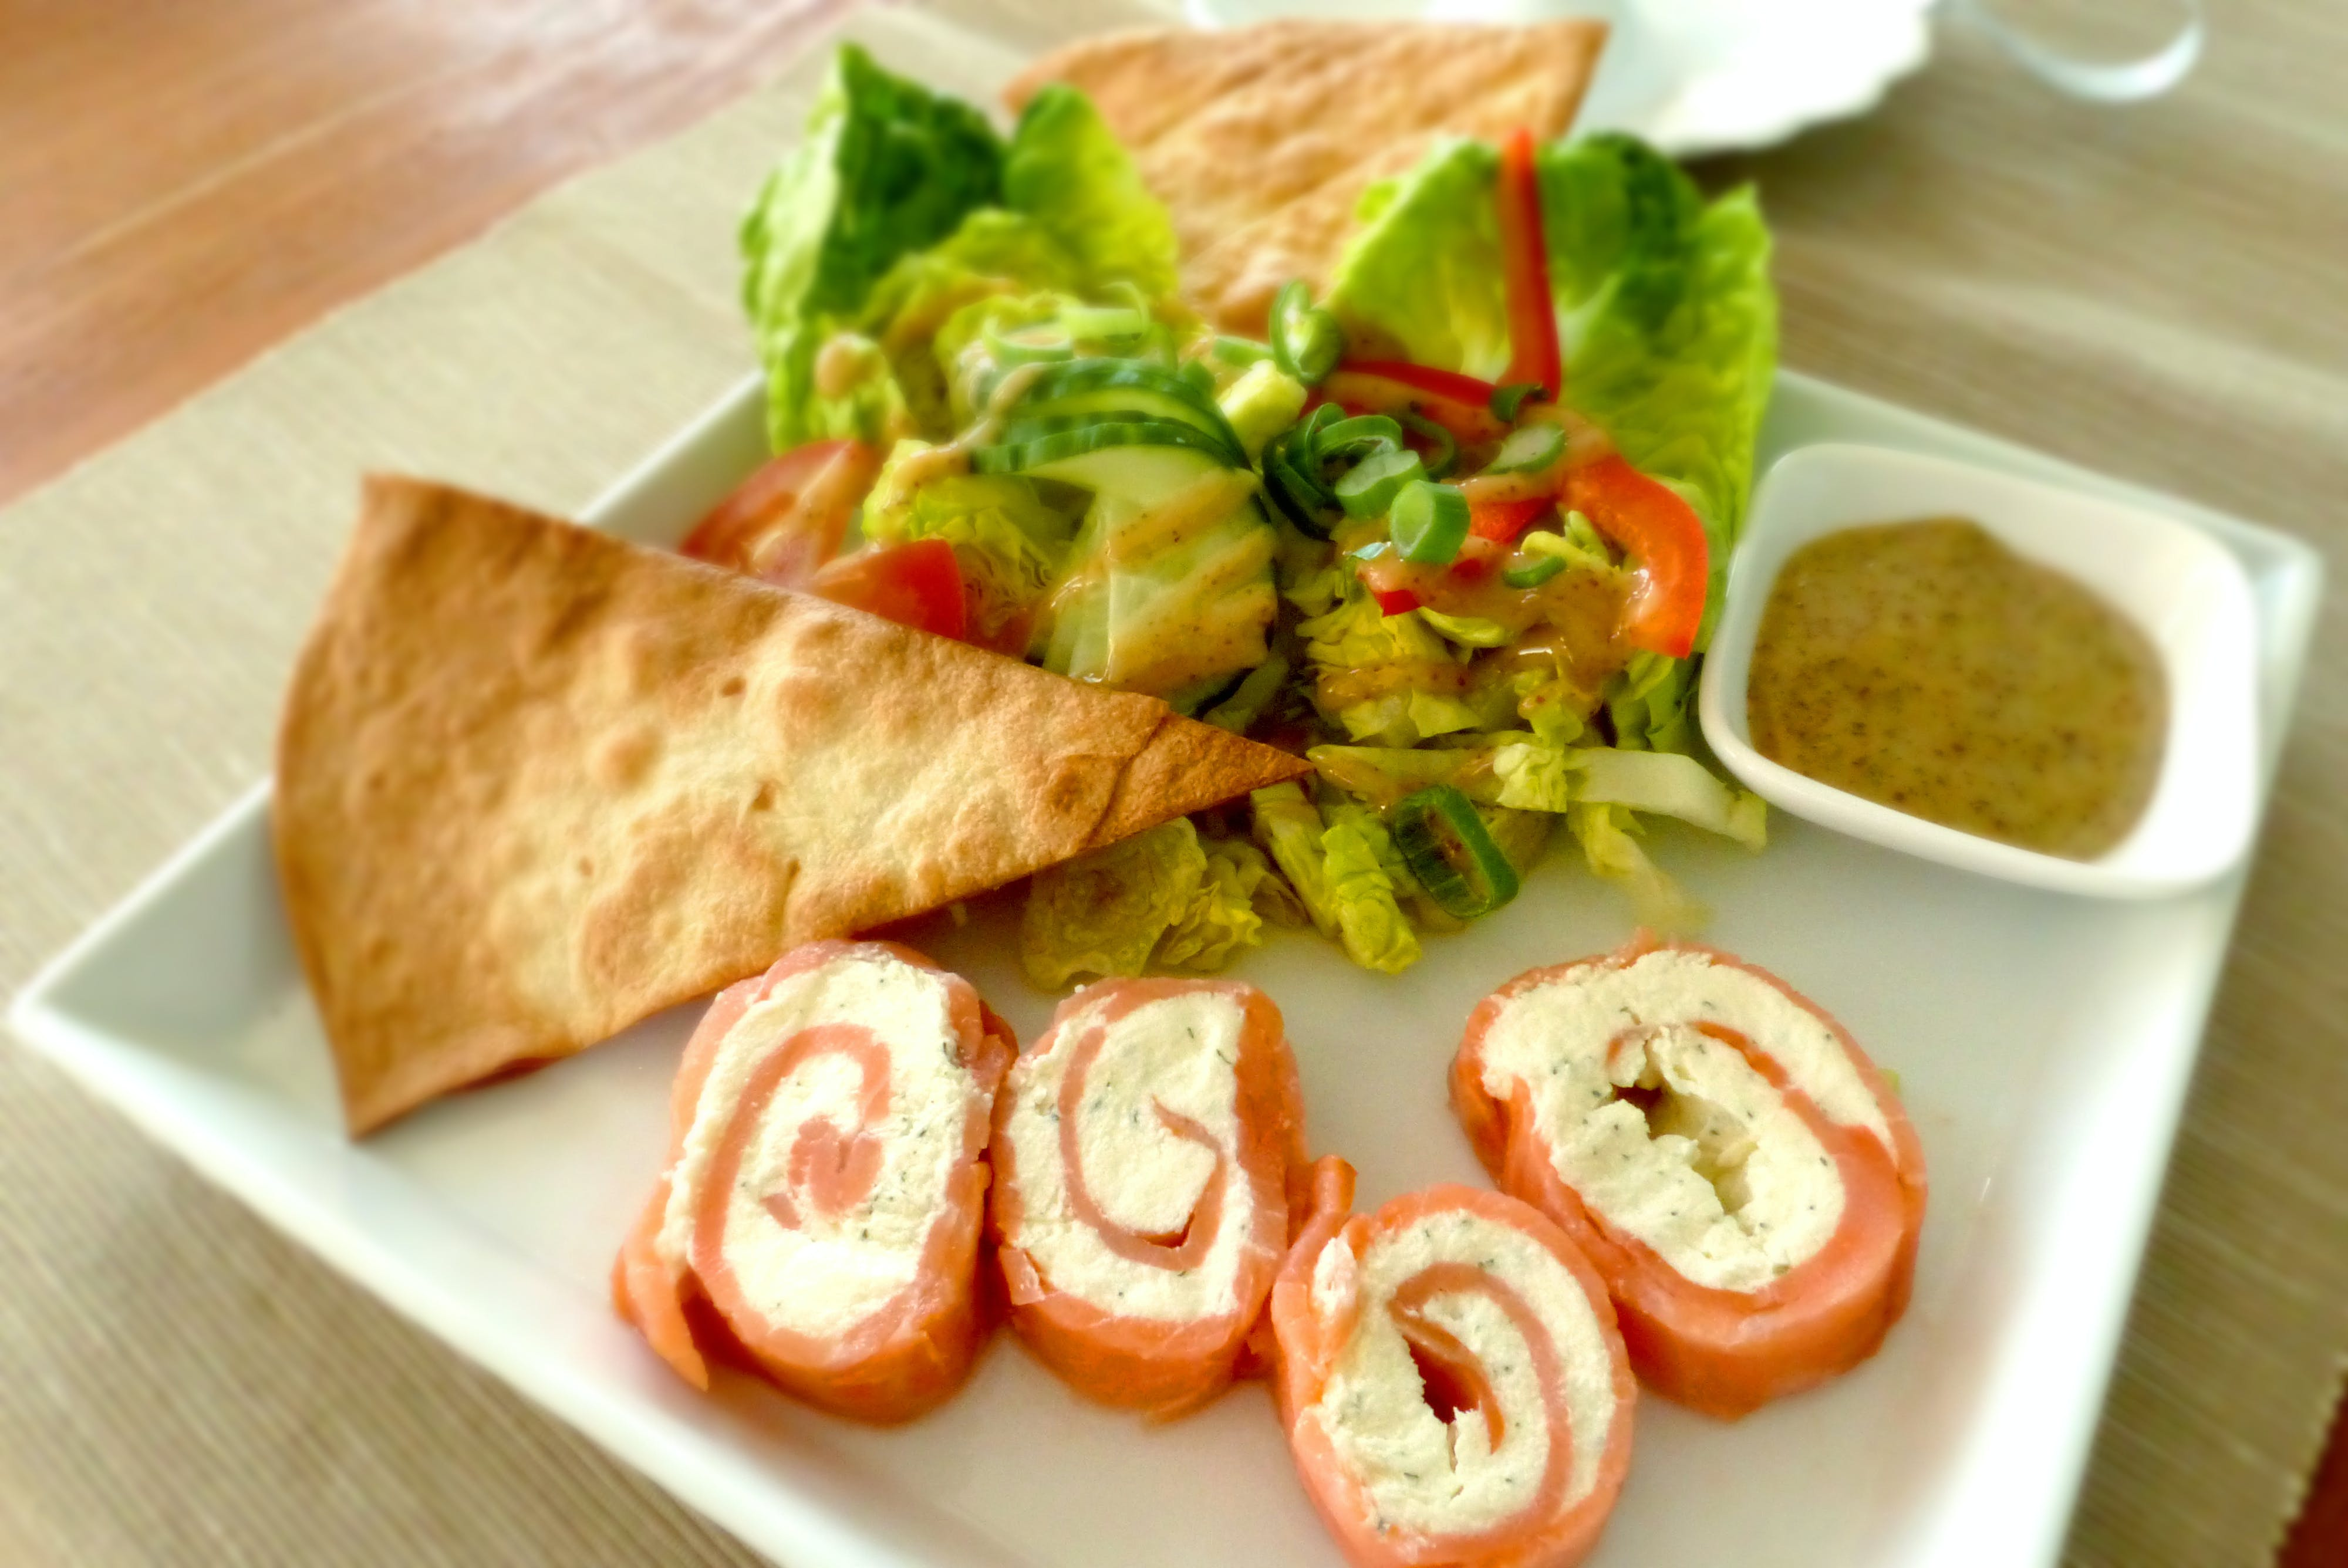 건강한, 건강한 식습관, 고기, 닭의 무료 스톡 사진